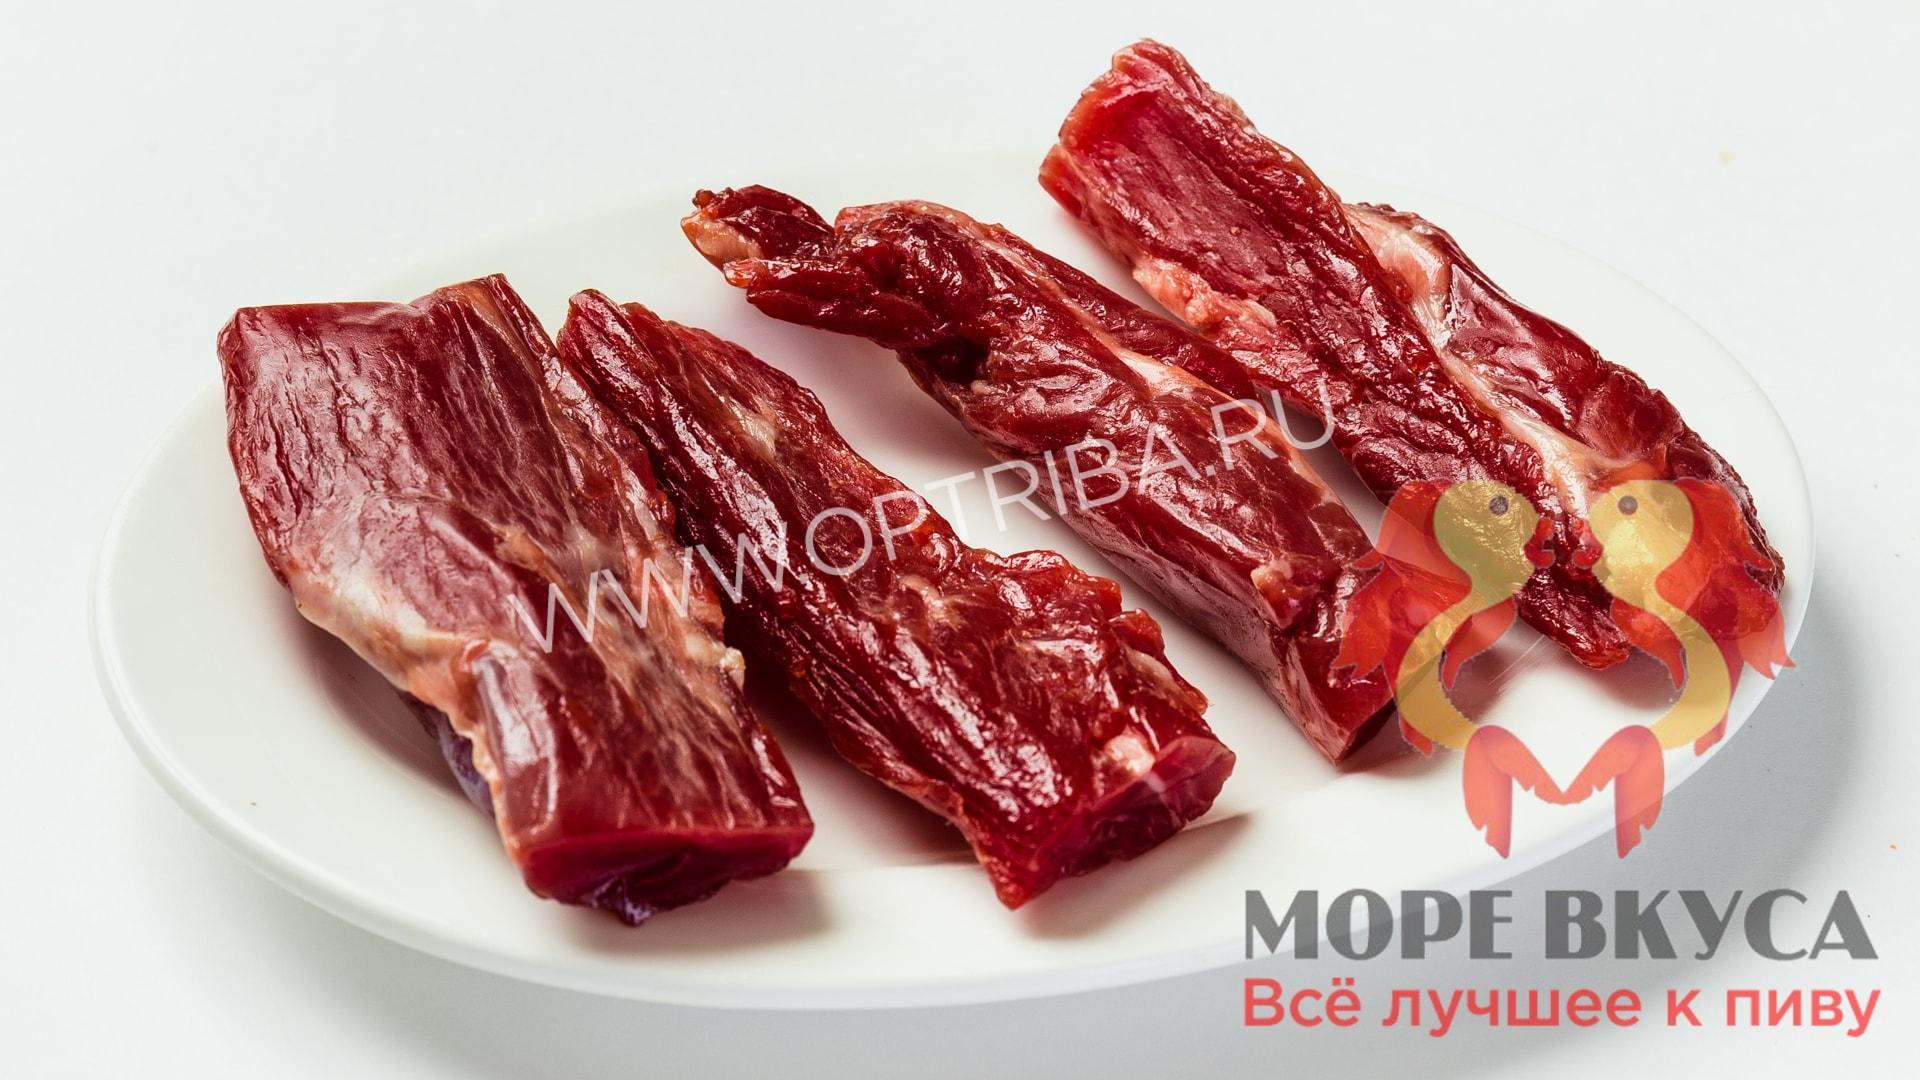 Карпаччо из свинины в домашних условиях рецепт